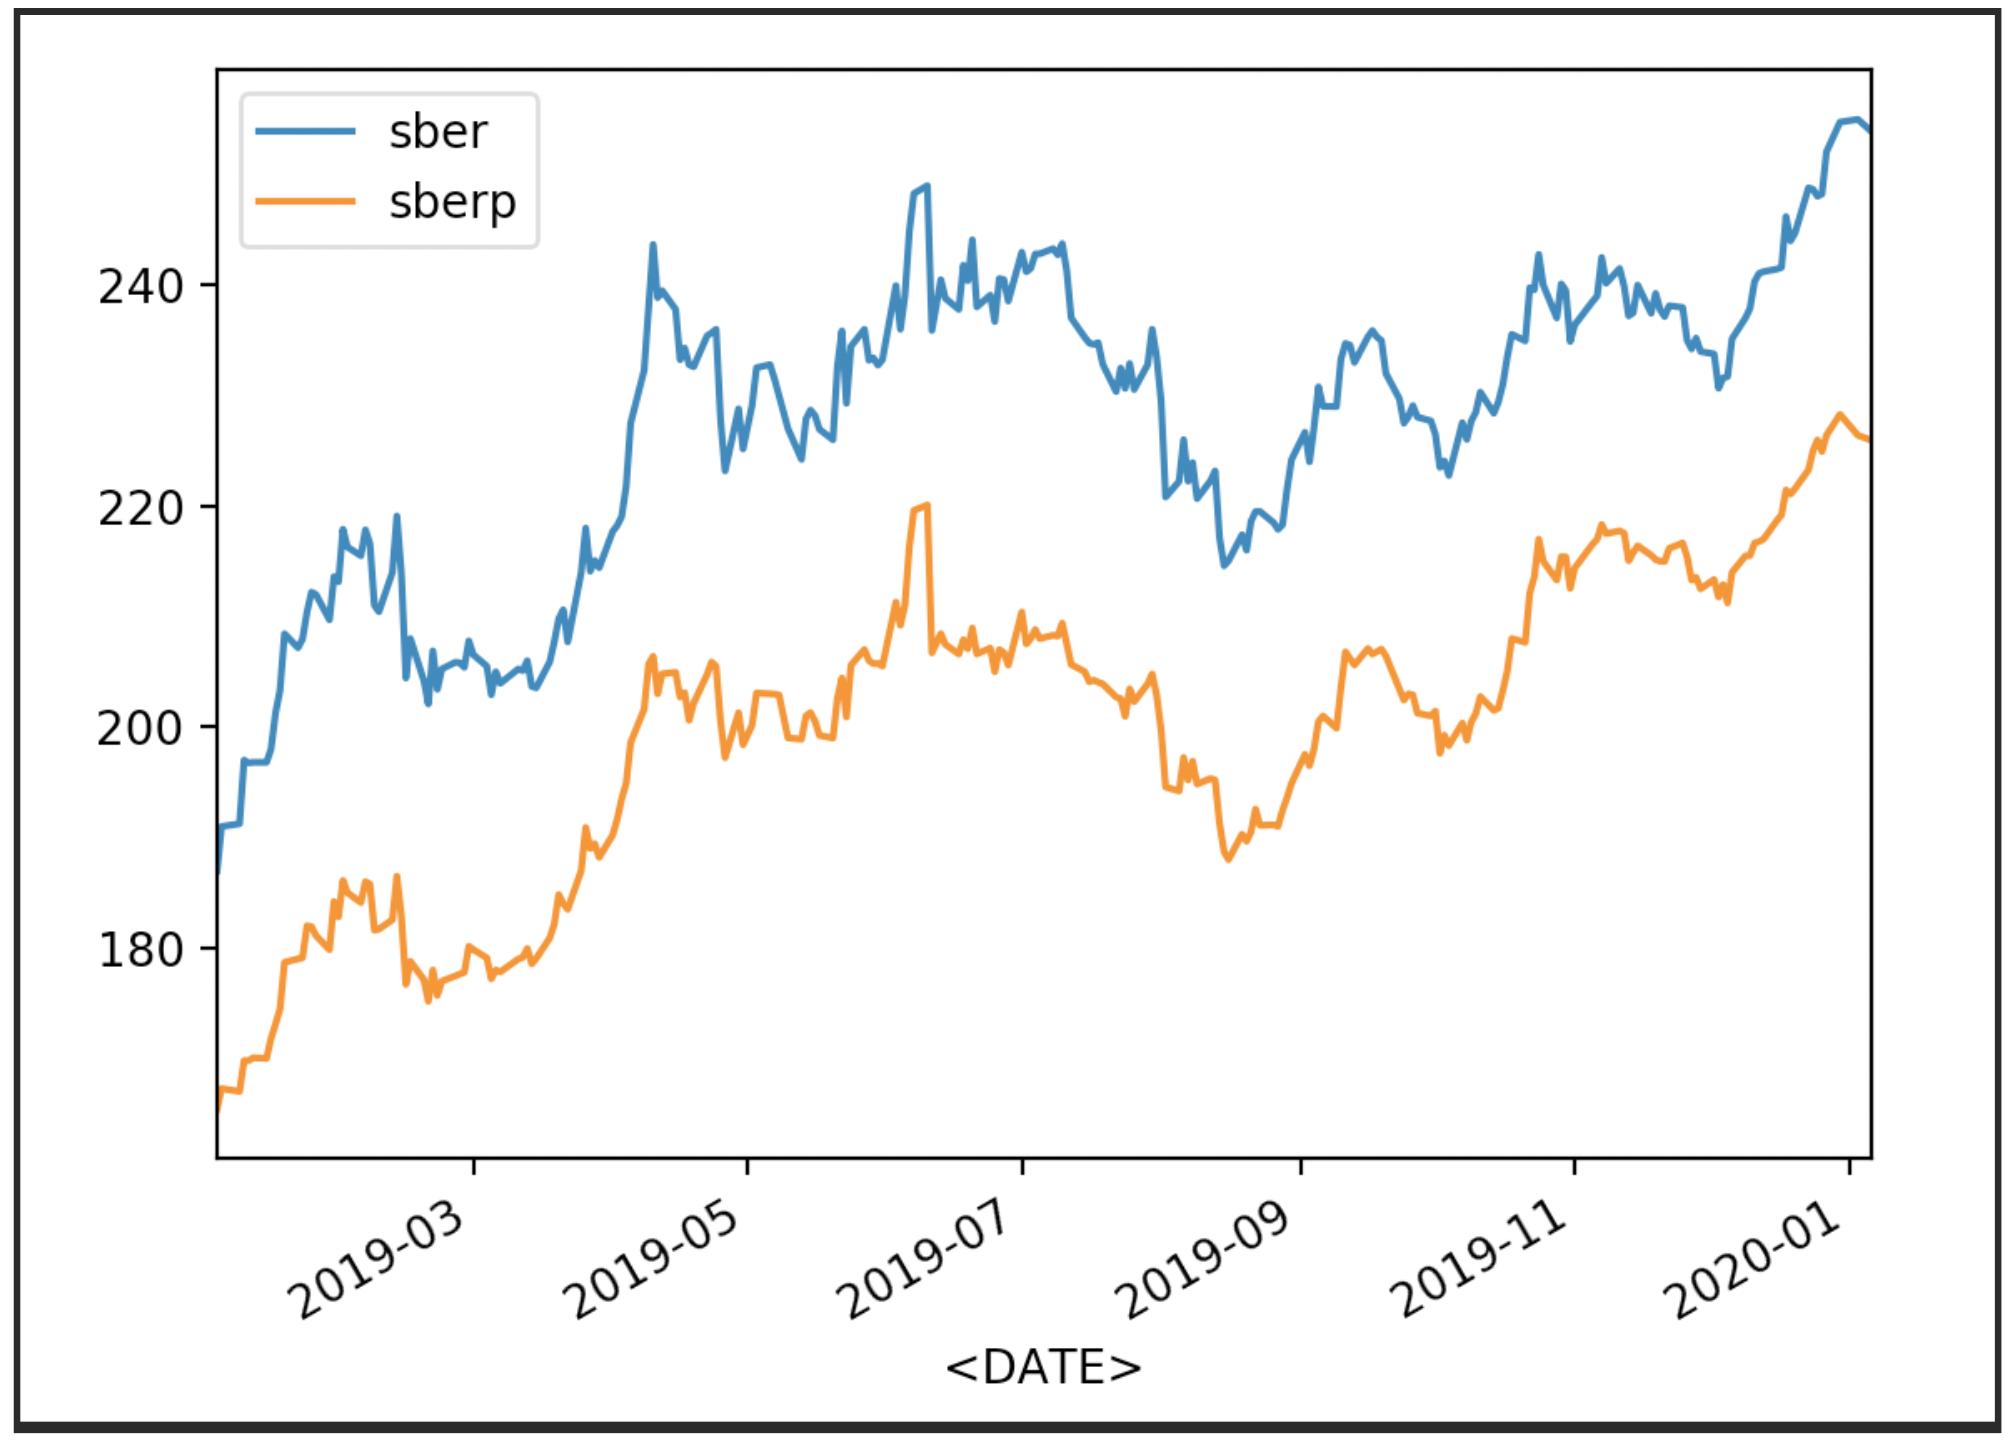 Сравнение динамики котировок двух акций на python на примере привилегированных и обычных акций Сбербанка - 3